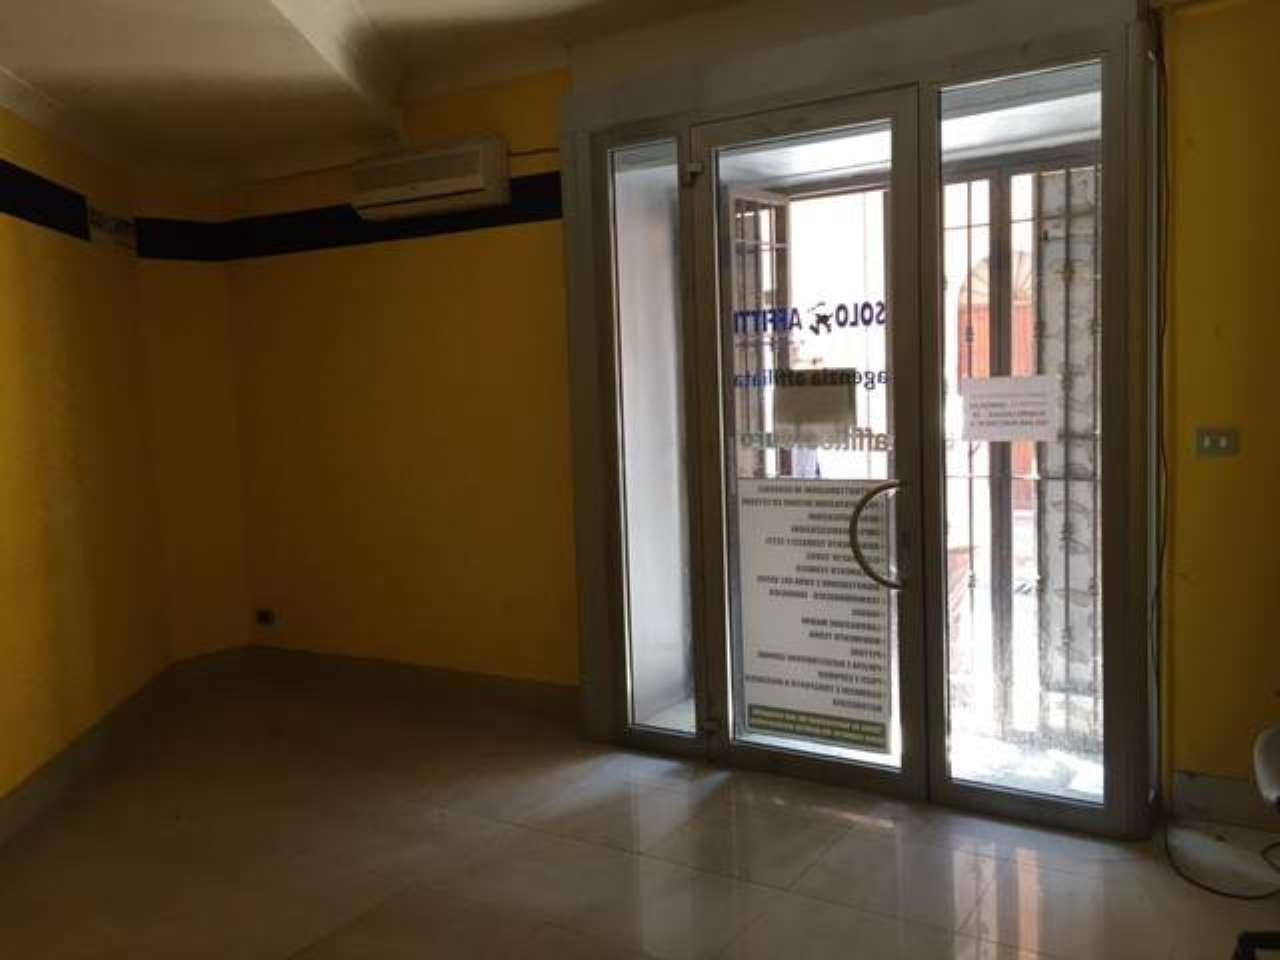 Negozio / Locale in affitto a Albano Laziale, 2 locali, prezzo € 700 | CambioCasa.it